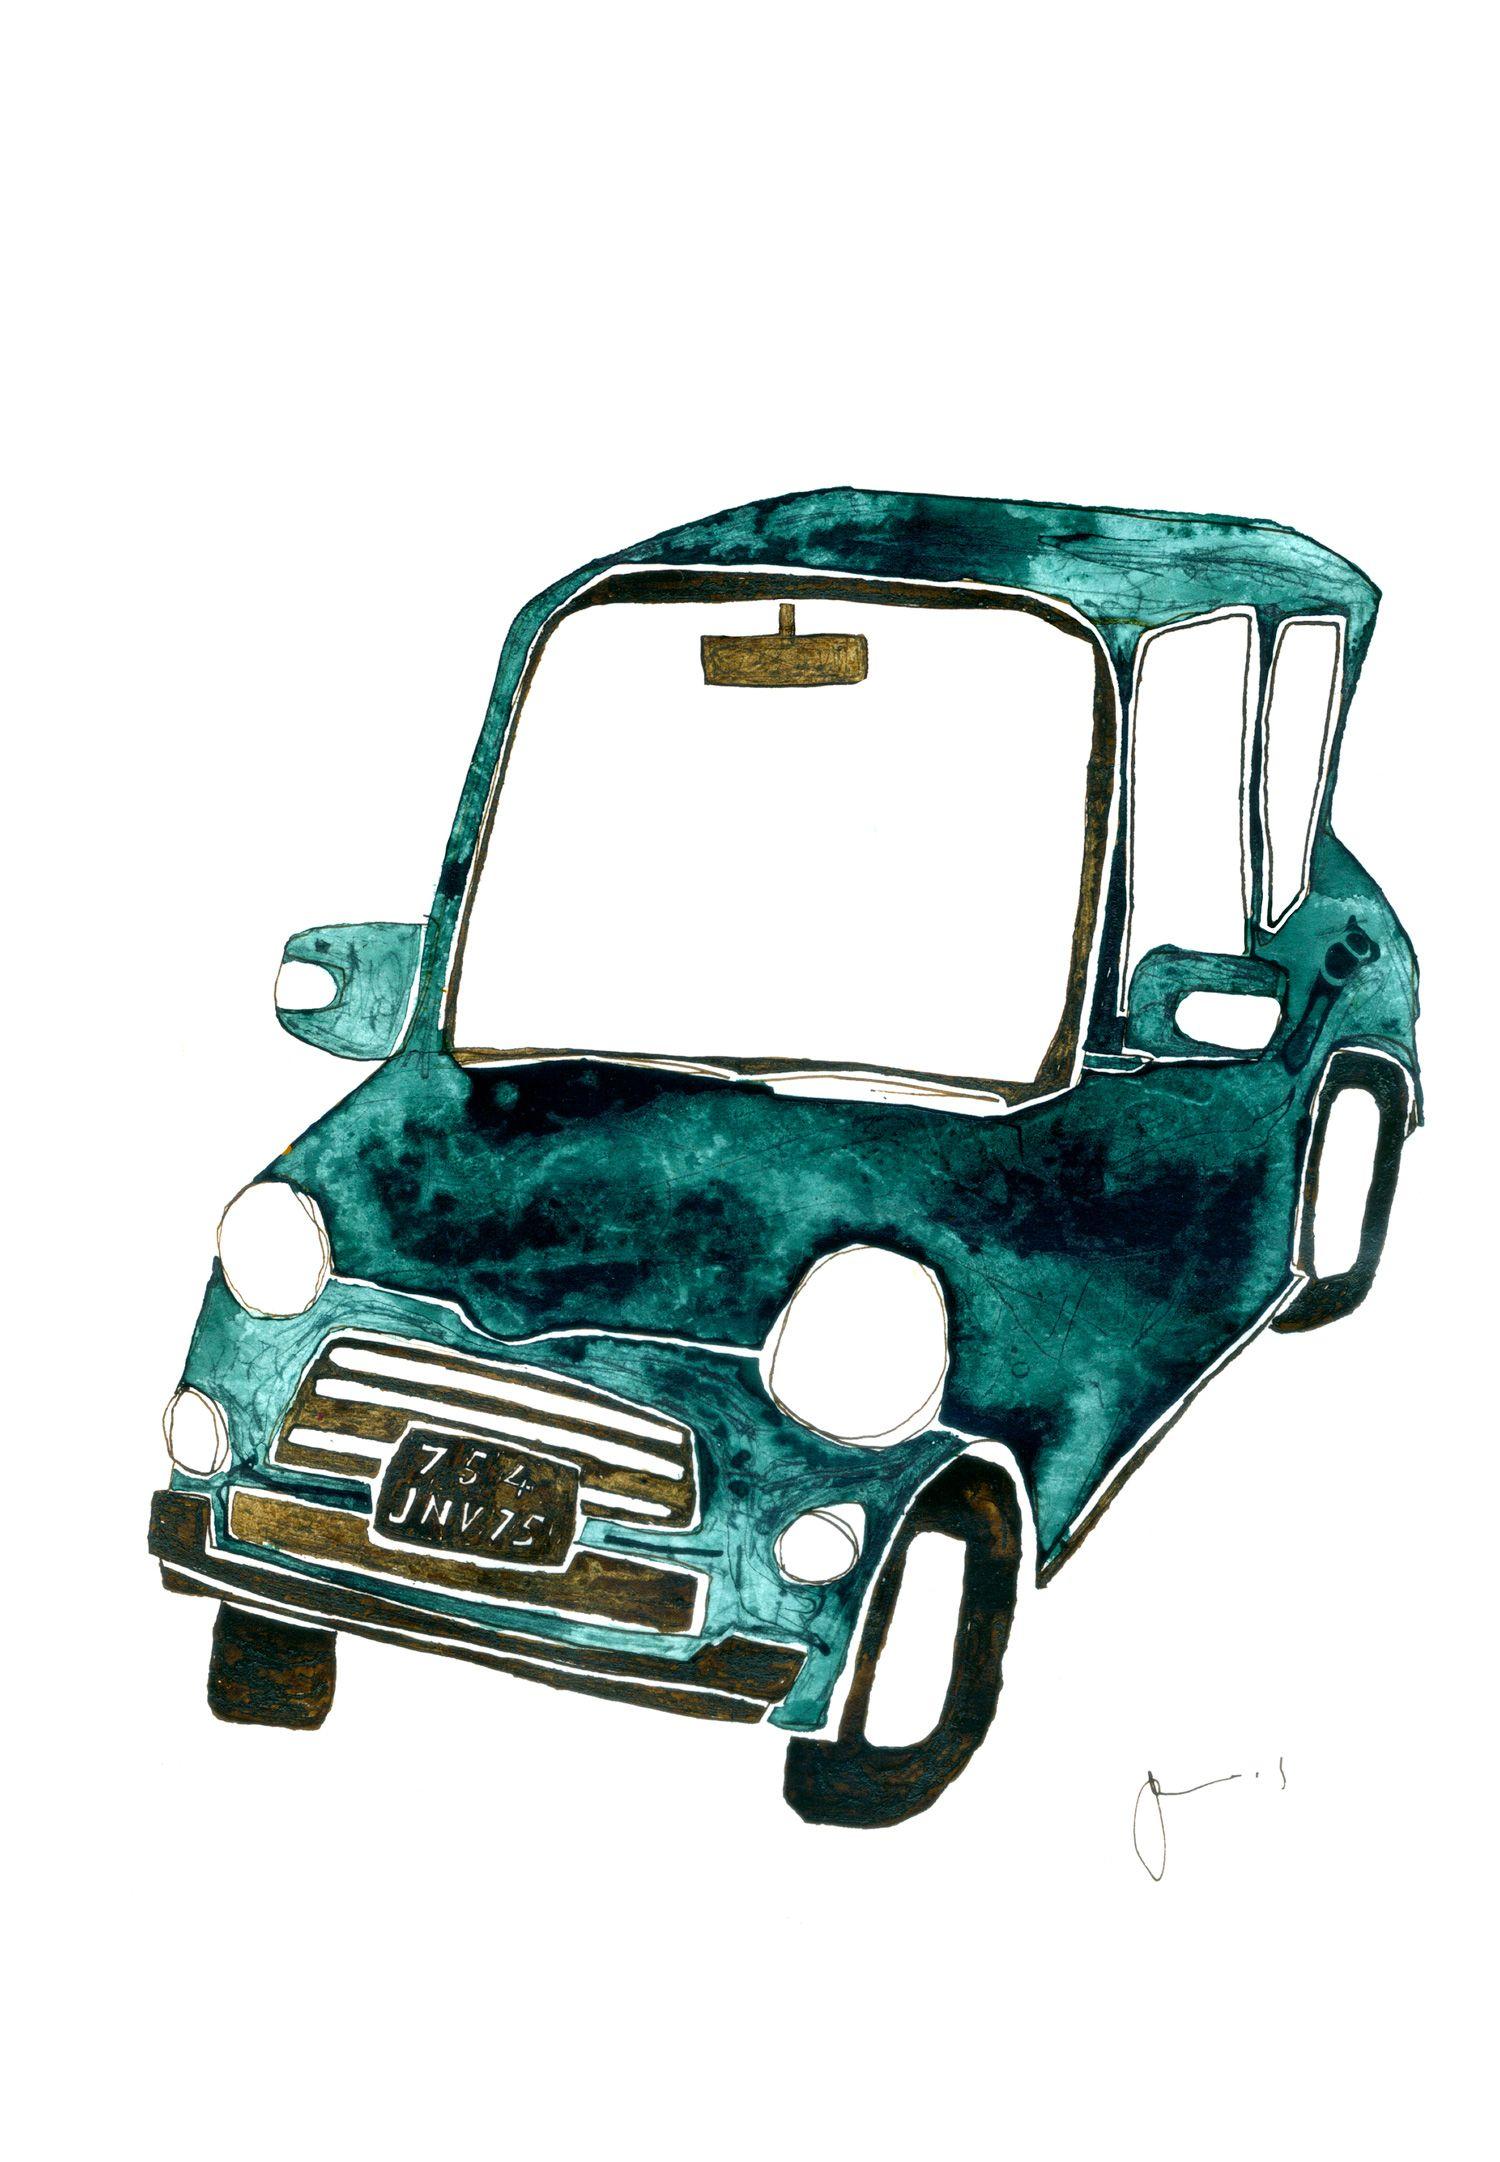 車 イラスト 車 アート ドローイング インク ペン シンプル